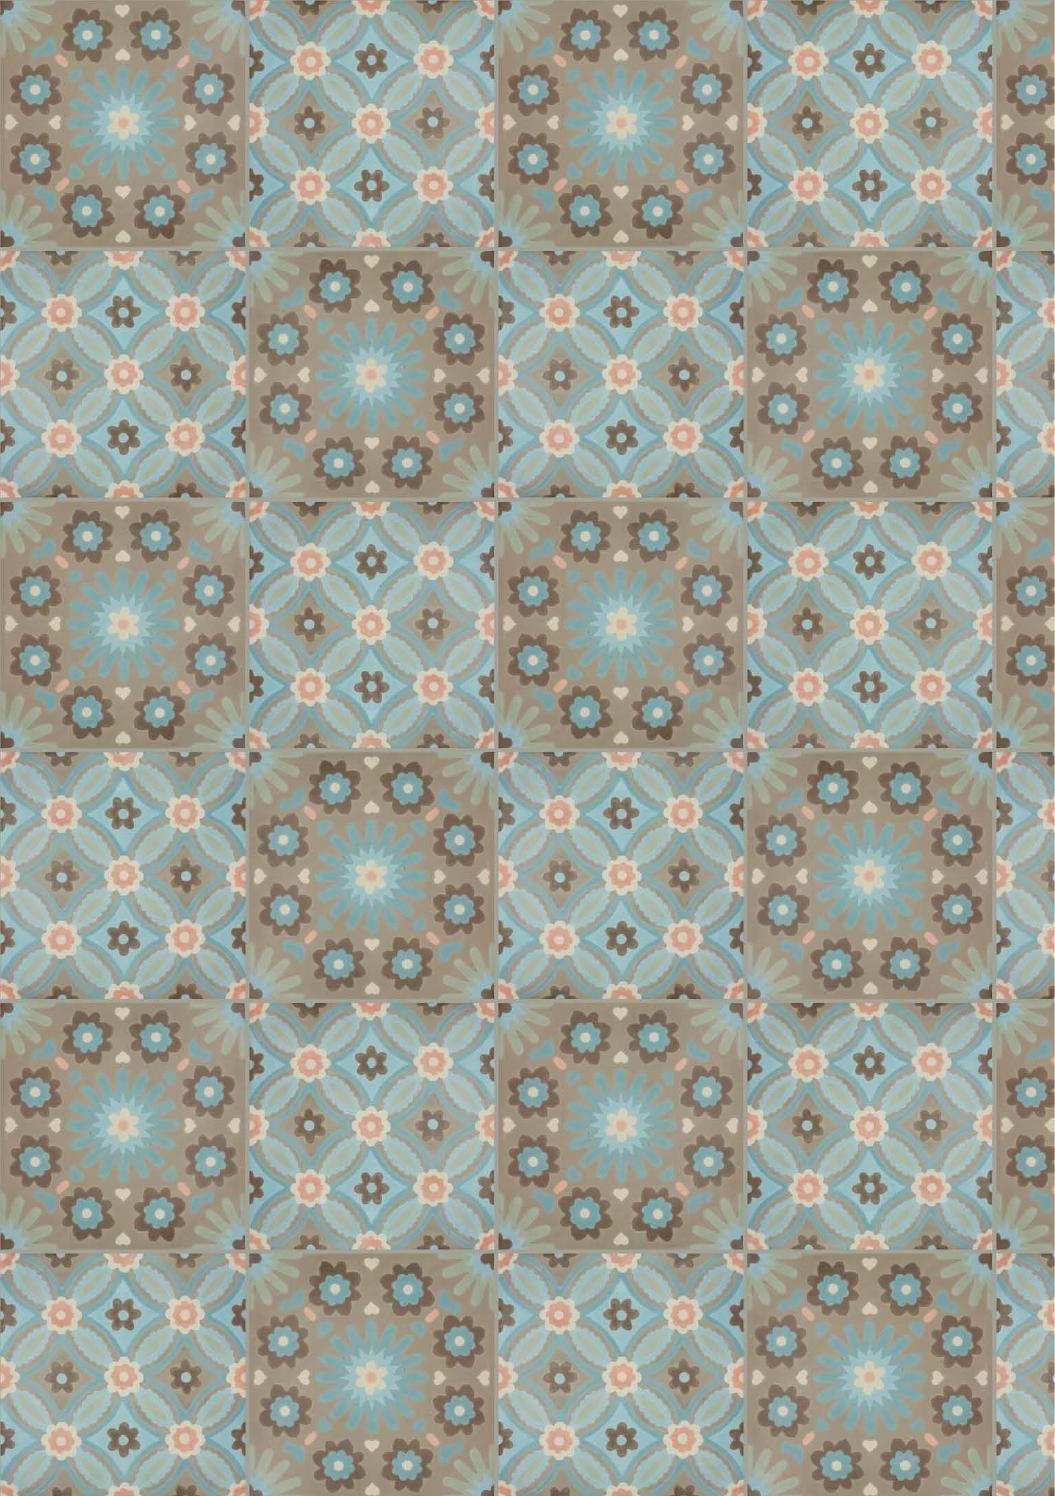 e489968e899 PIP Studio Tile Collection | Fliesen | Stoffen behang, Patroon ...